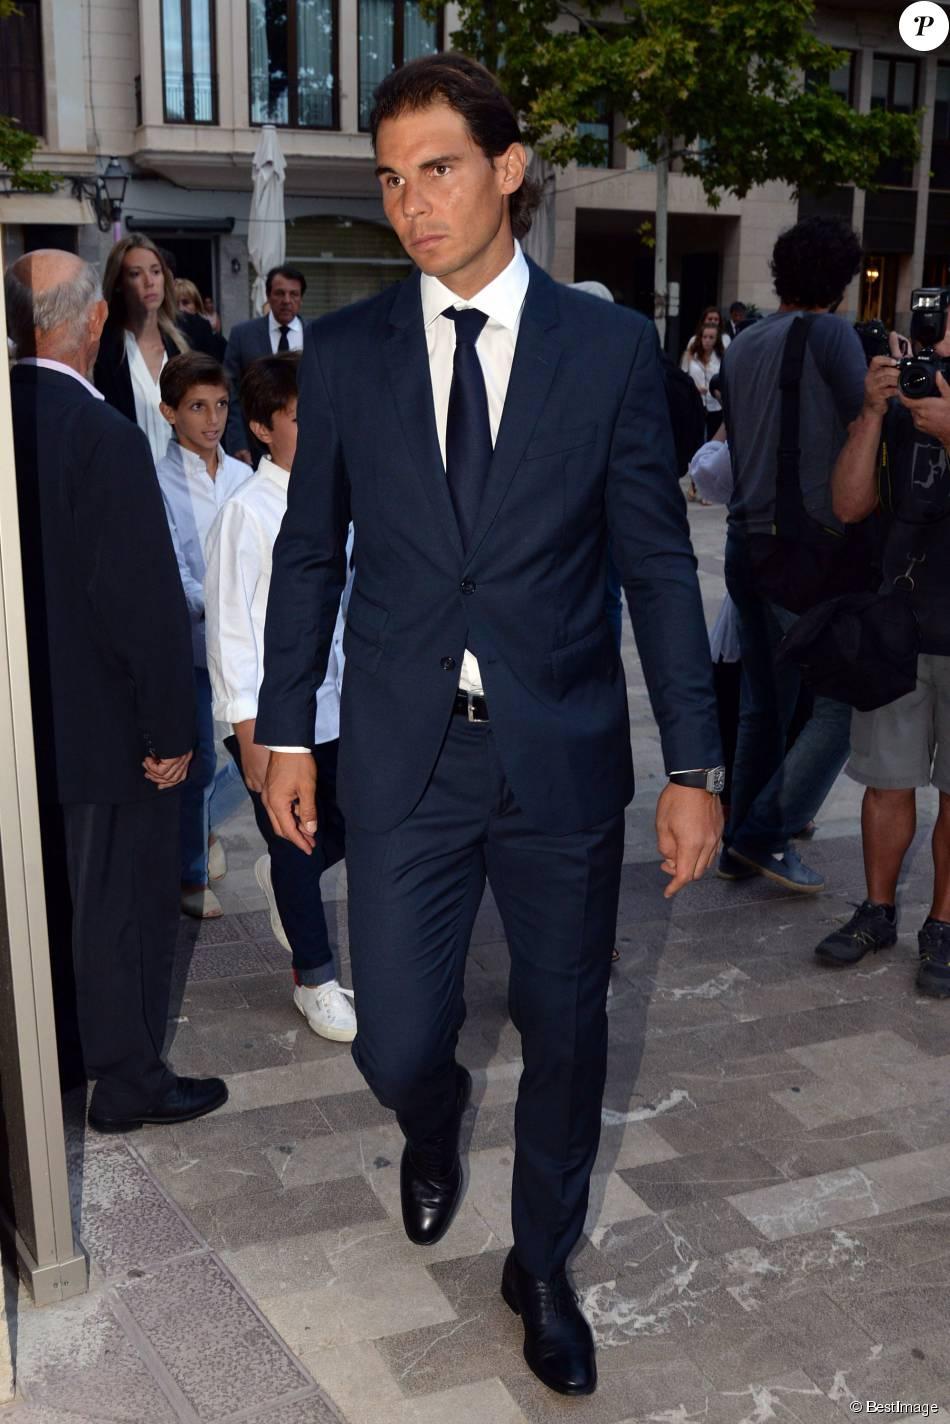 Le tennisman Rafael Nadal- Obsèques du pianiste Rafael Nadal, le grand-père du tennisman Rafael Nadal, en l'église Nuetra Senora de los Dolores à Manacor, sur l'île de Majorque le 8 septembre 2015